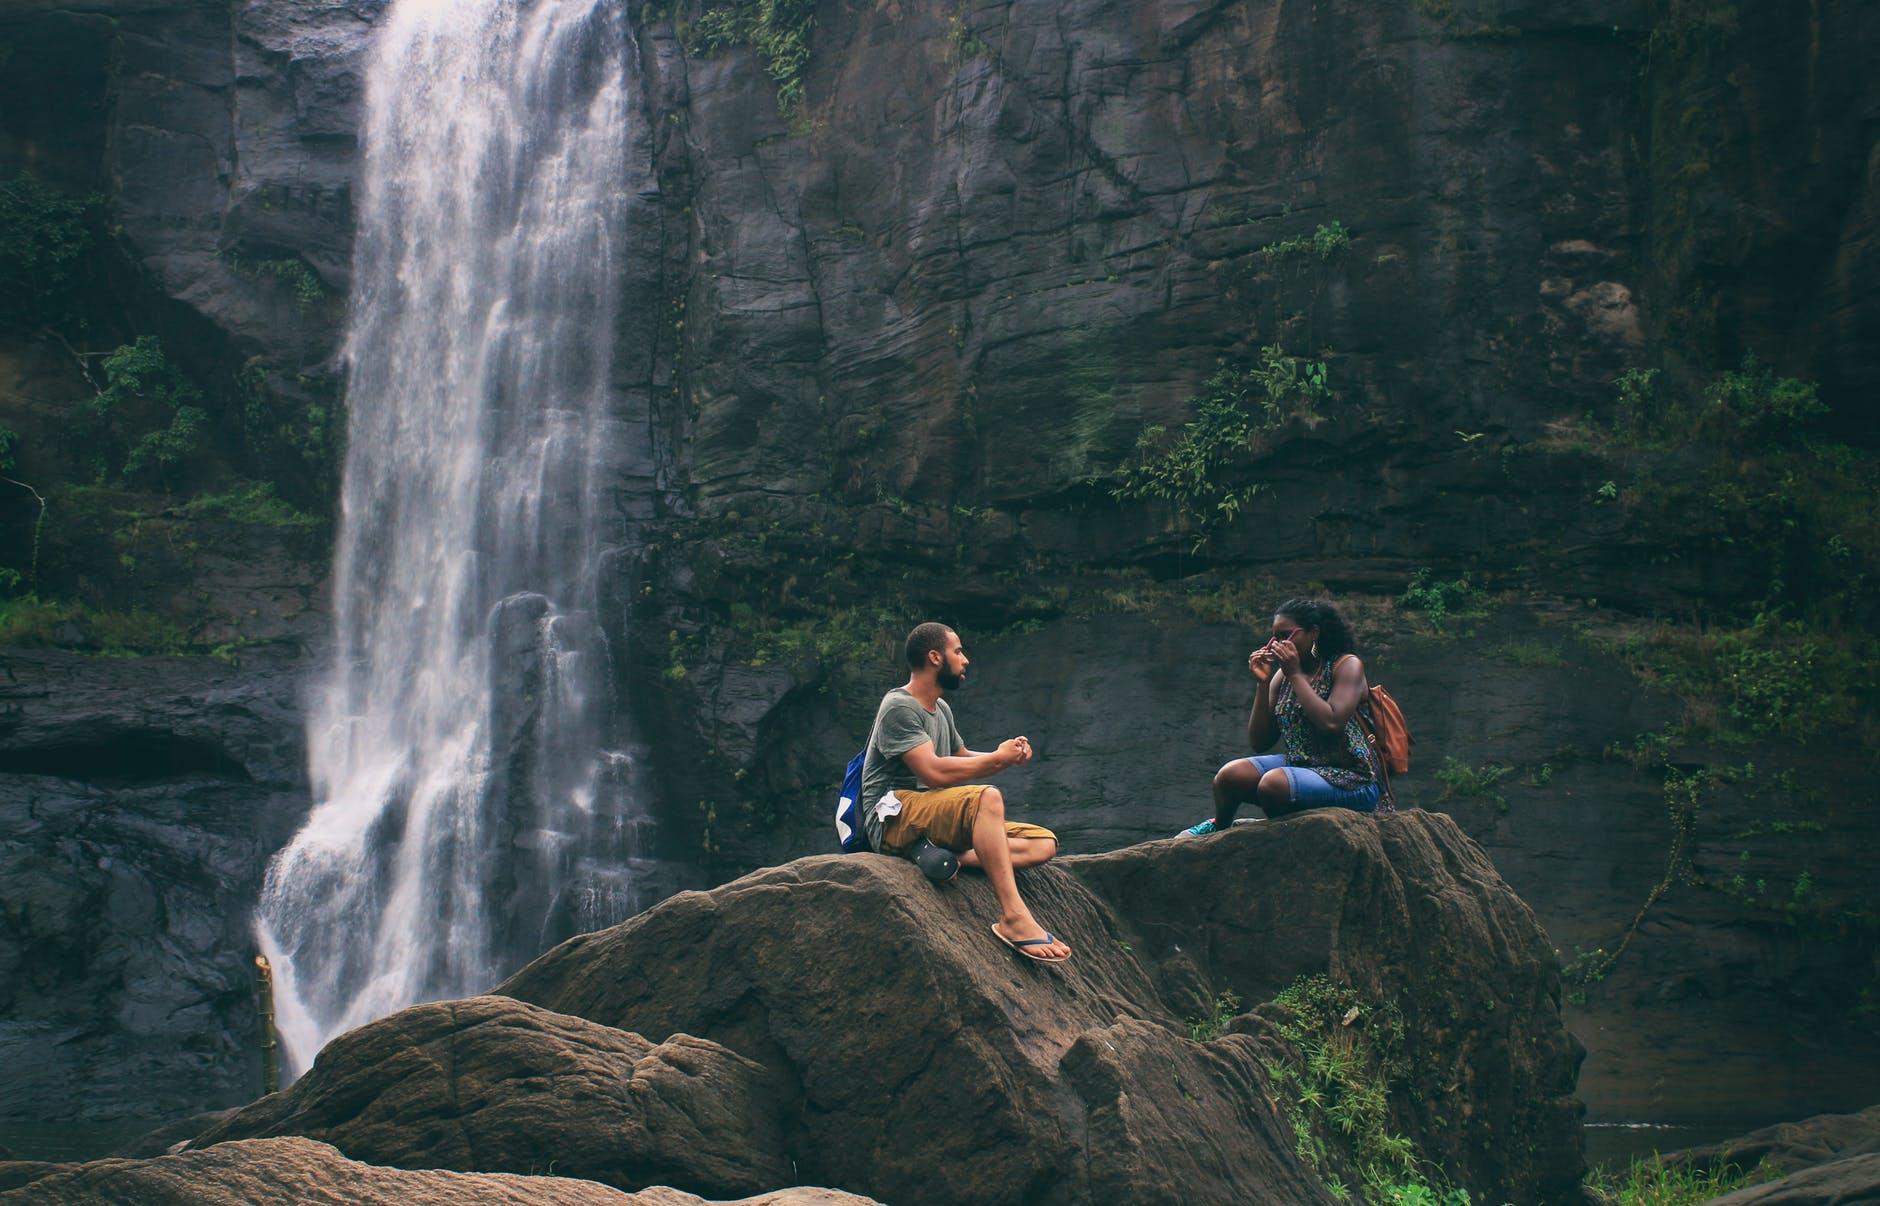 عکس عاشقنه دختر و پسر در طبیعت